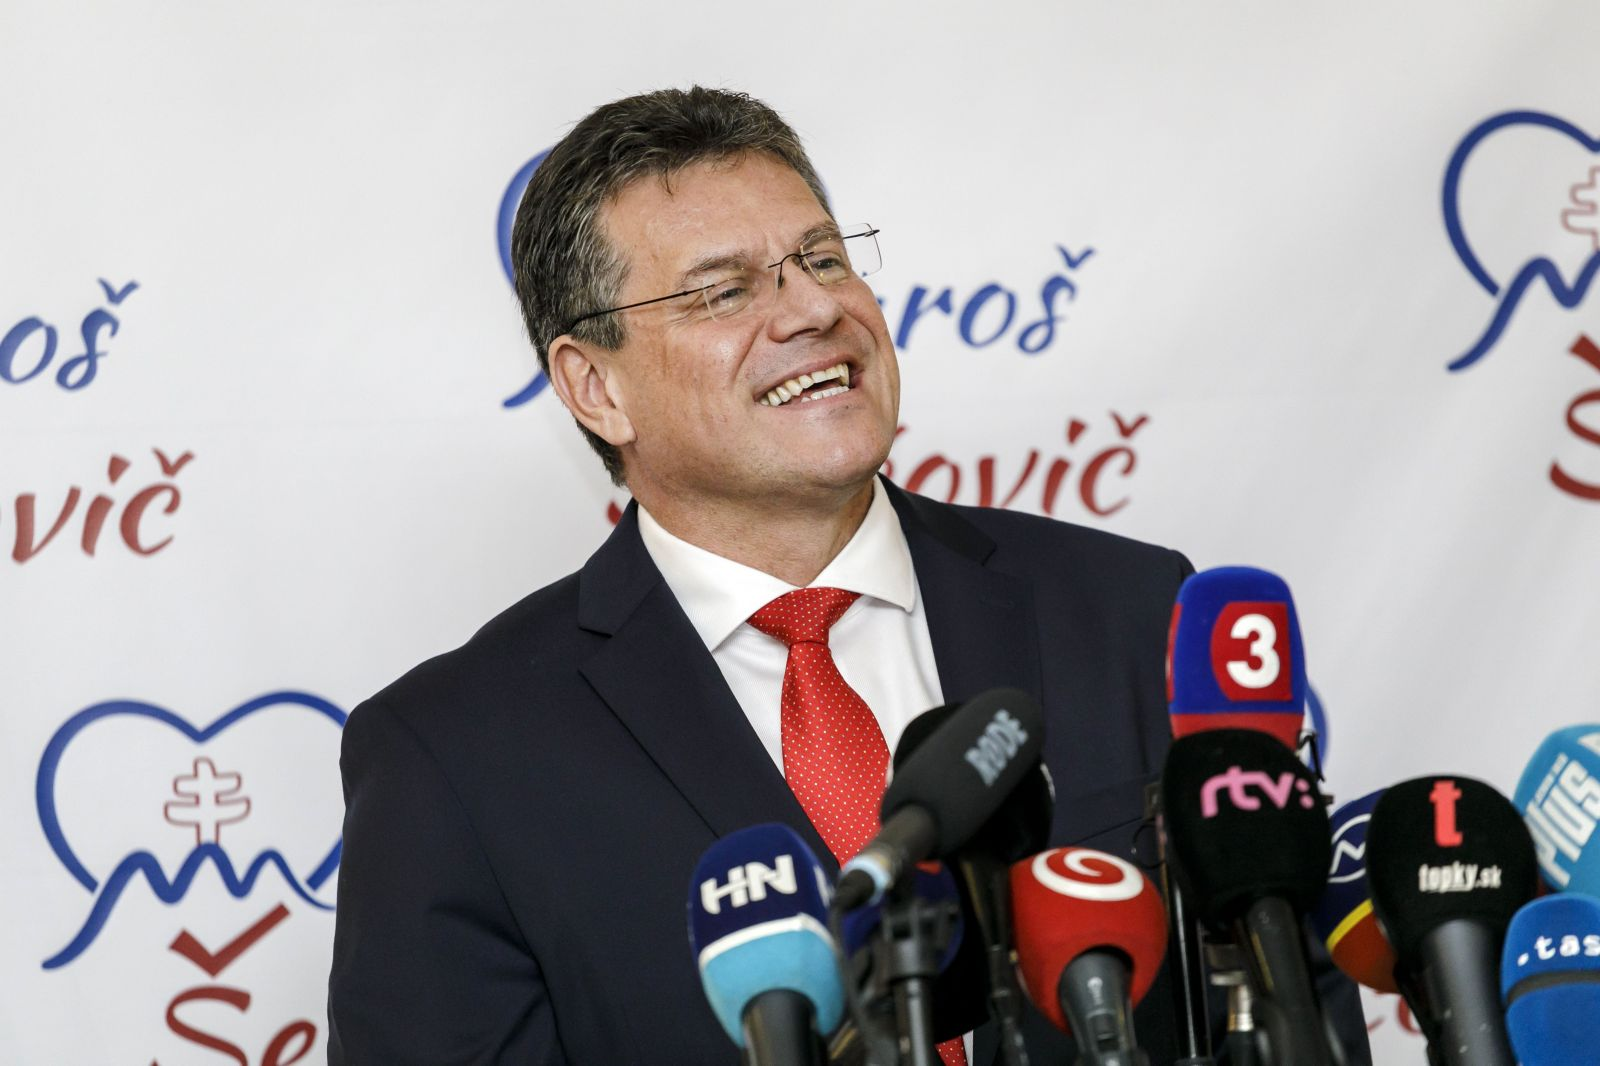 Maroš Šefčovič: Slovensko nie je skorumpovaná krajina. Sme úspešná krajina s výnimočným príbehom